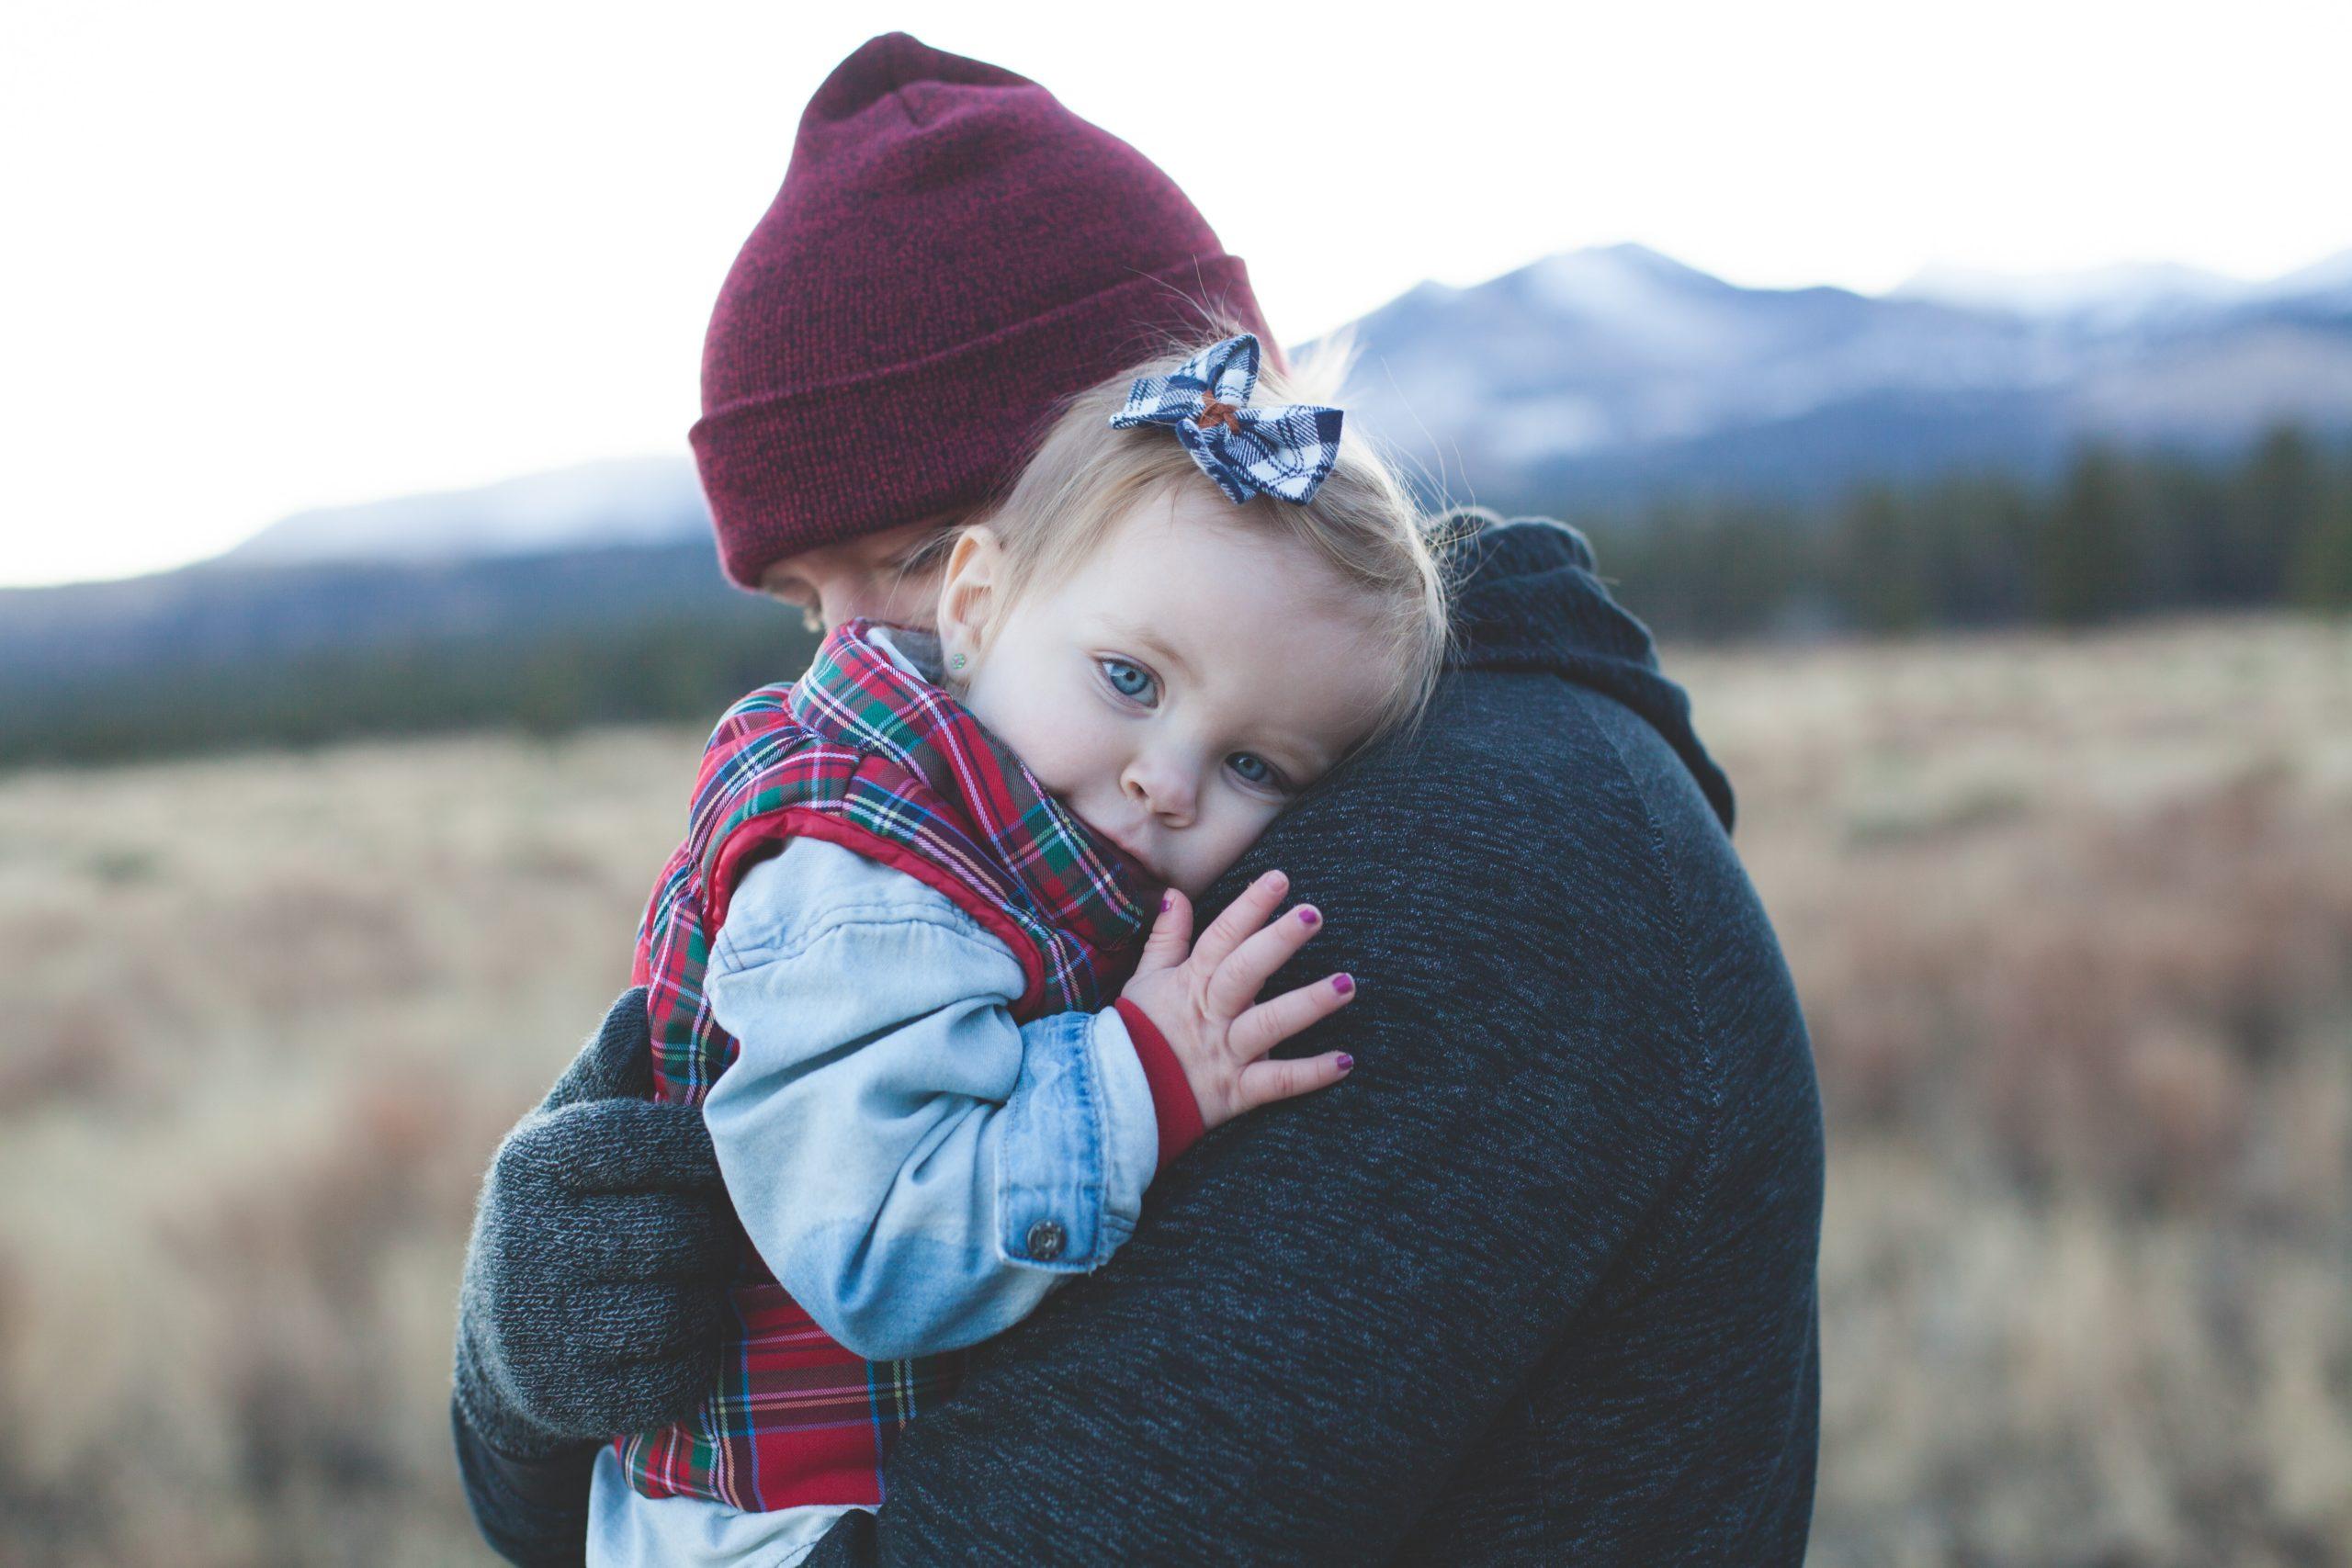 Os cuidados excessivos de pais superprotetores